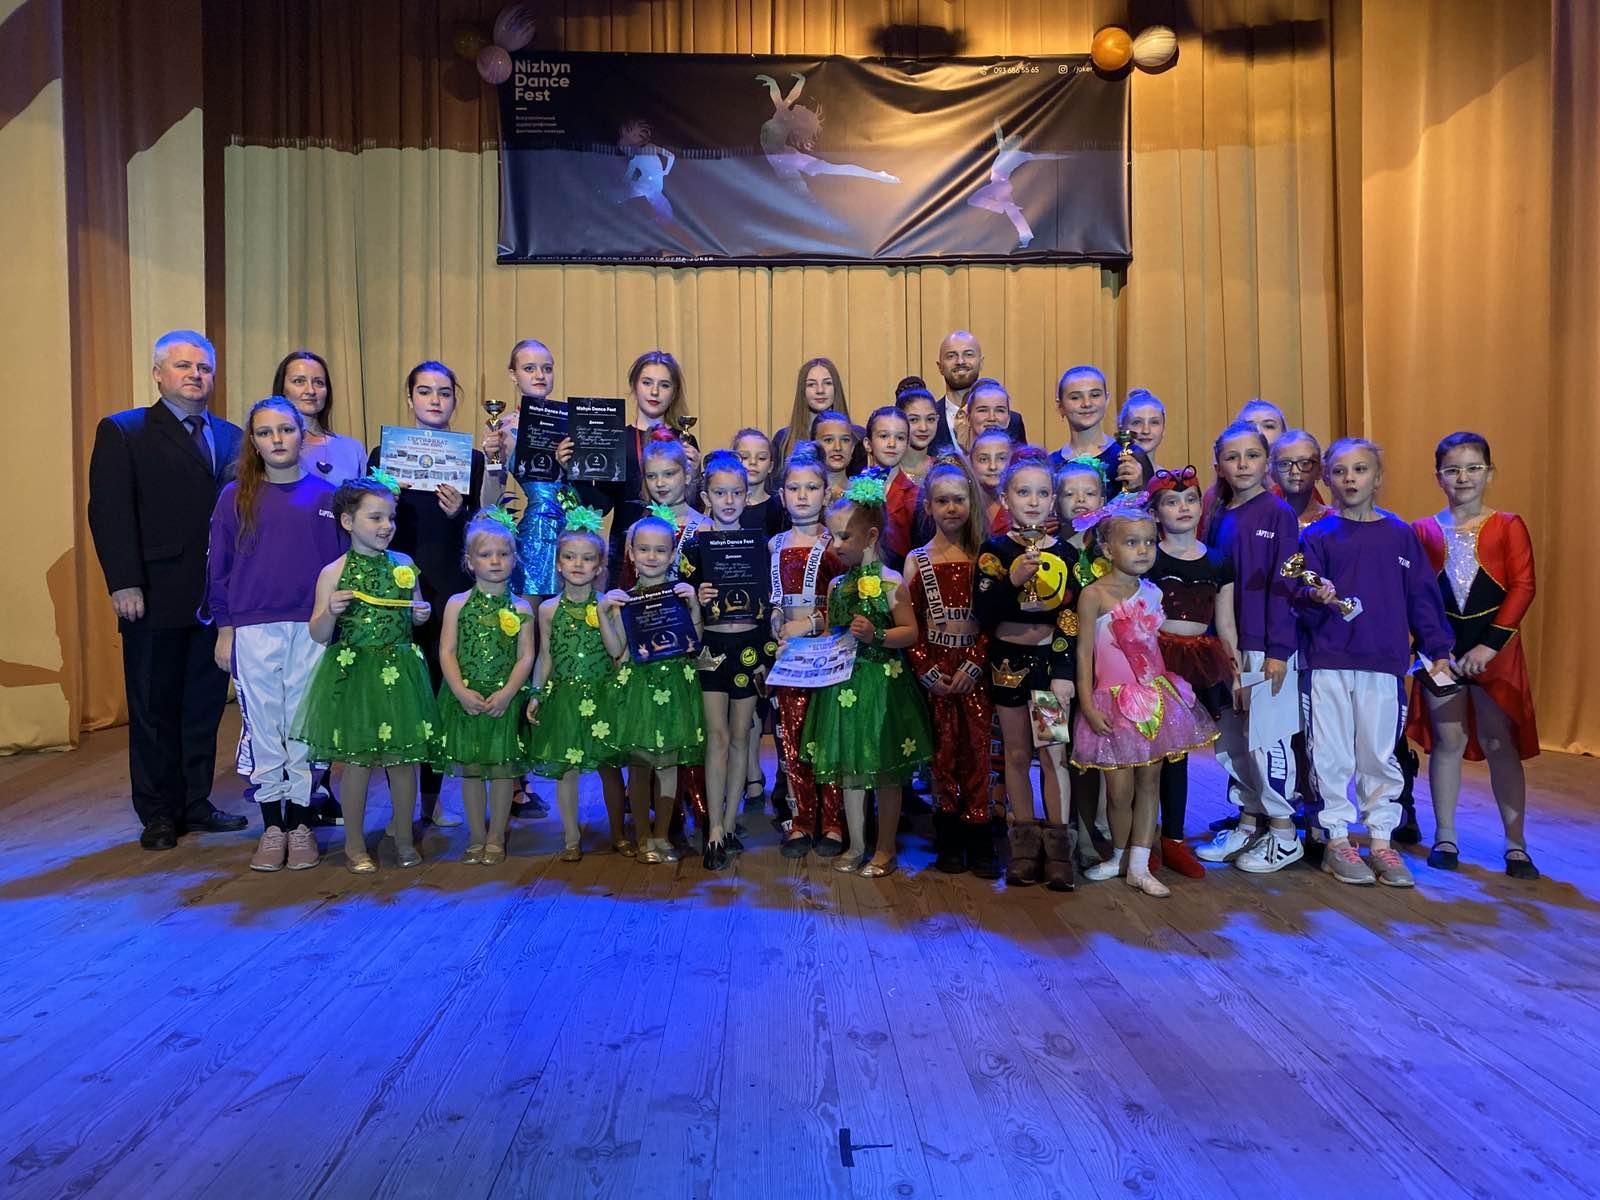 Джокер, фестиваль, танці, Влад Яма